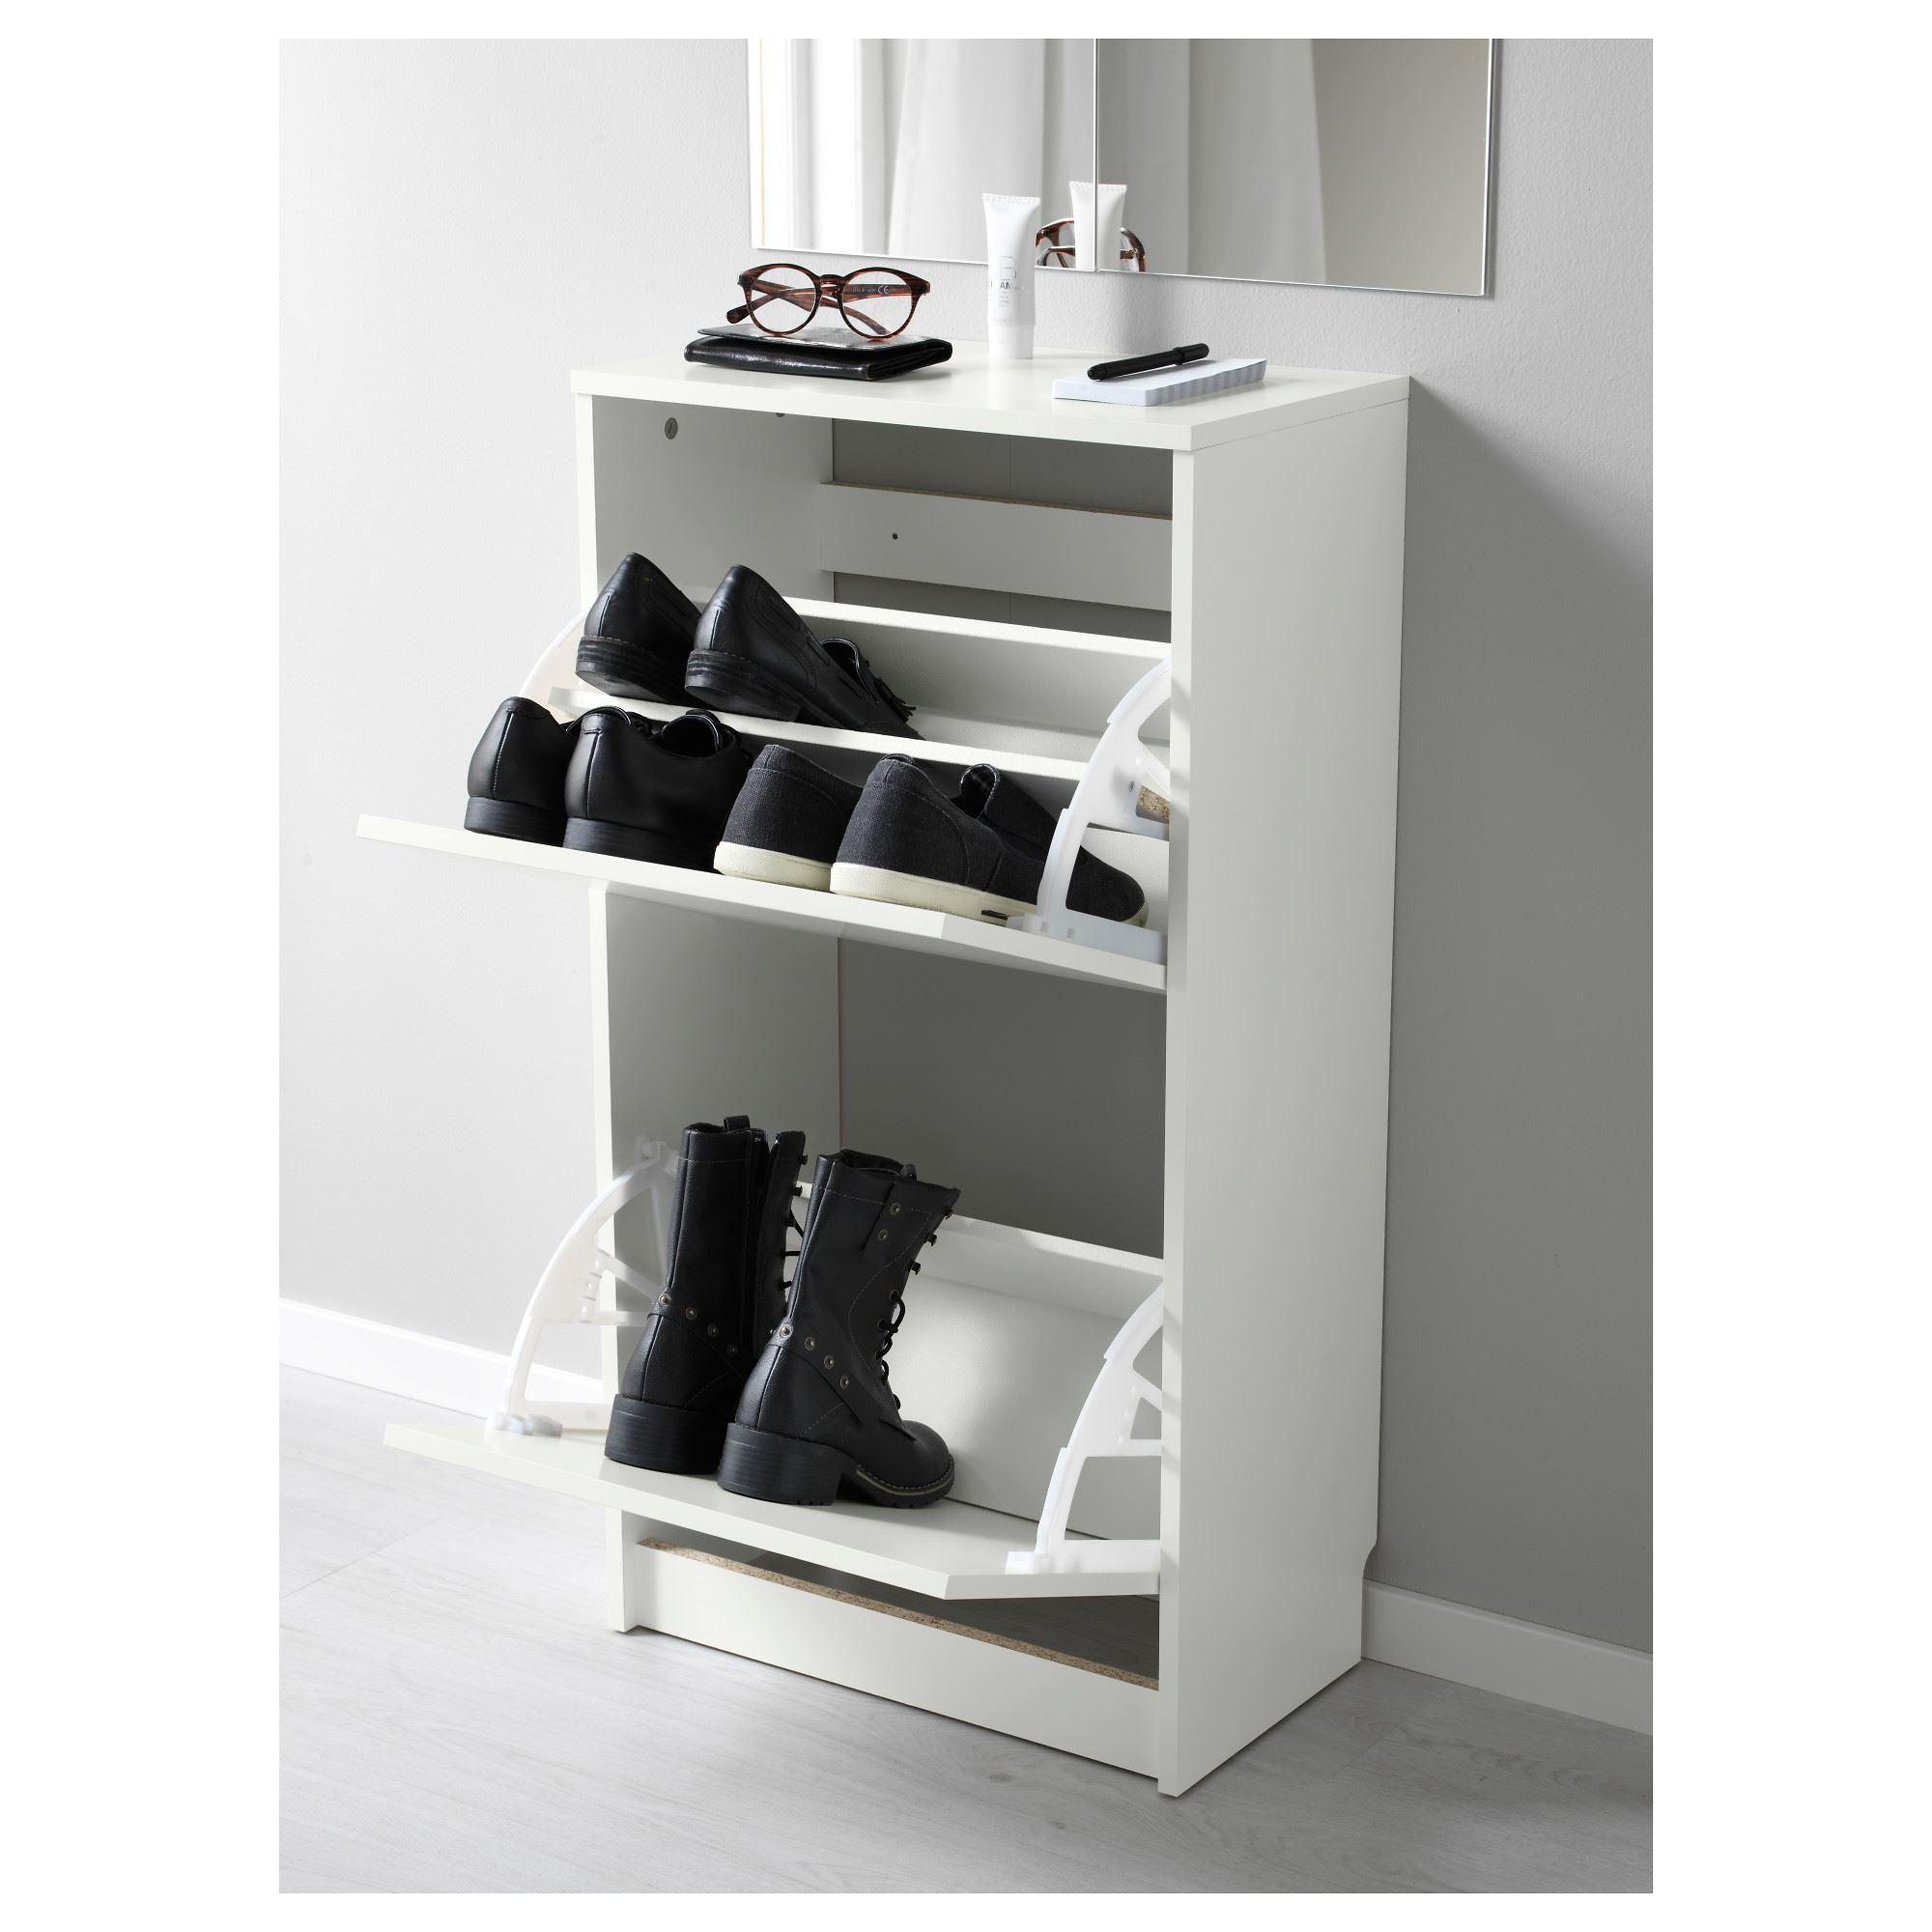 BISSA shoe cabinet/storage white 49x28x93 cm | IKEA Hallway